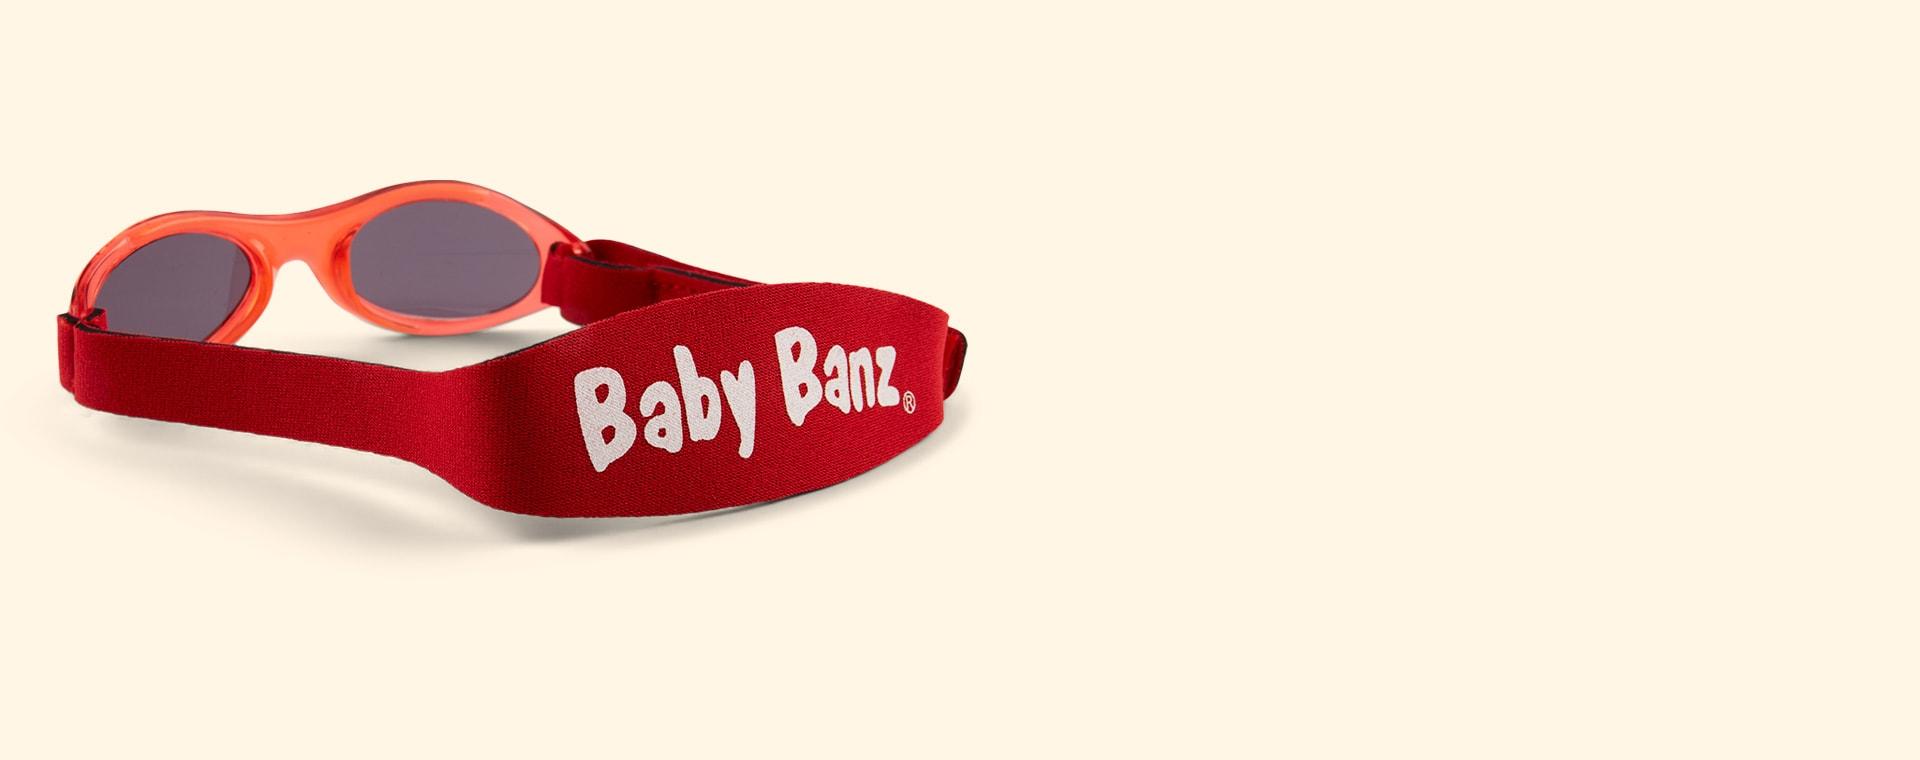 Red Banz Adventure Sunglasses